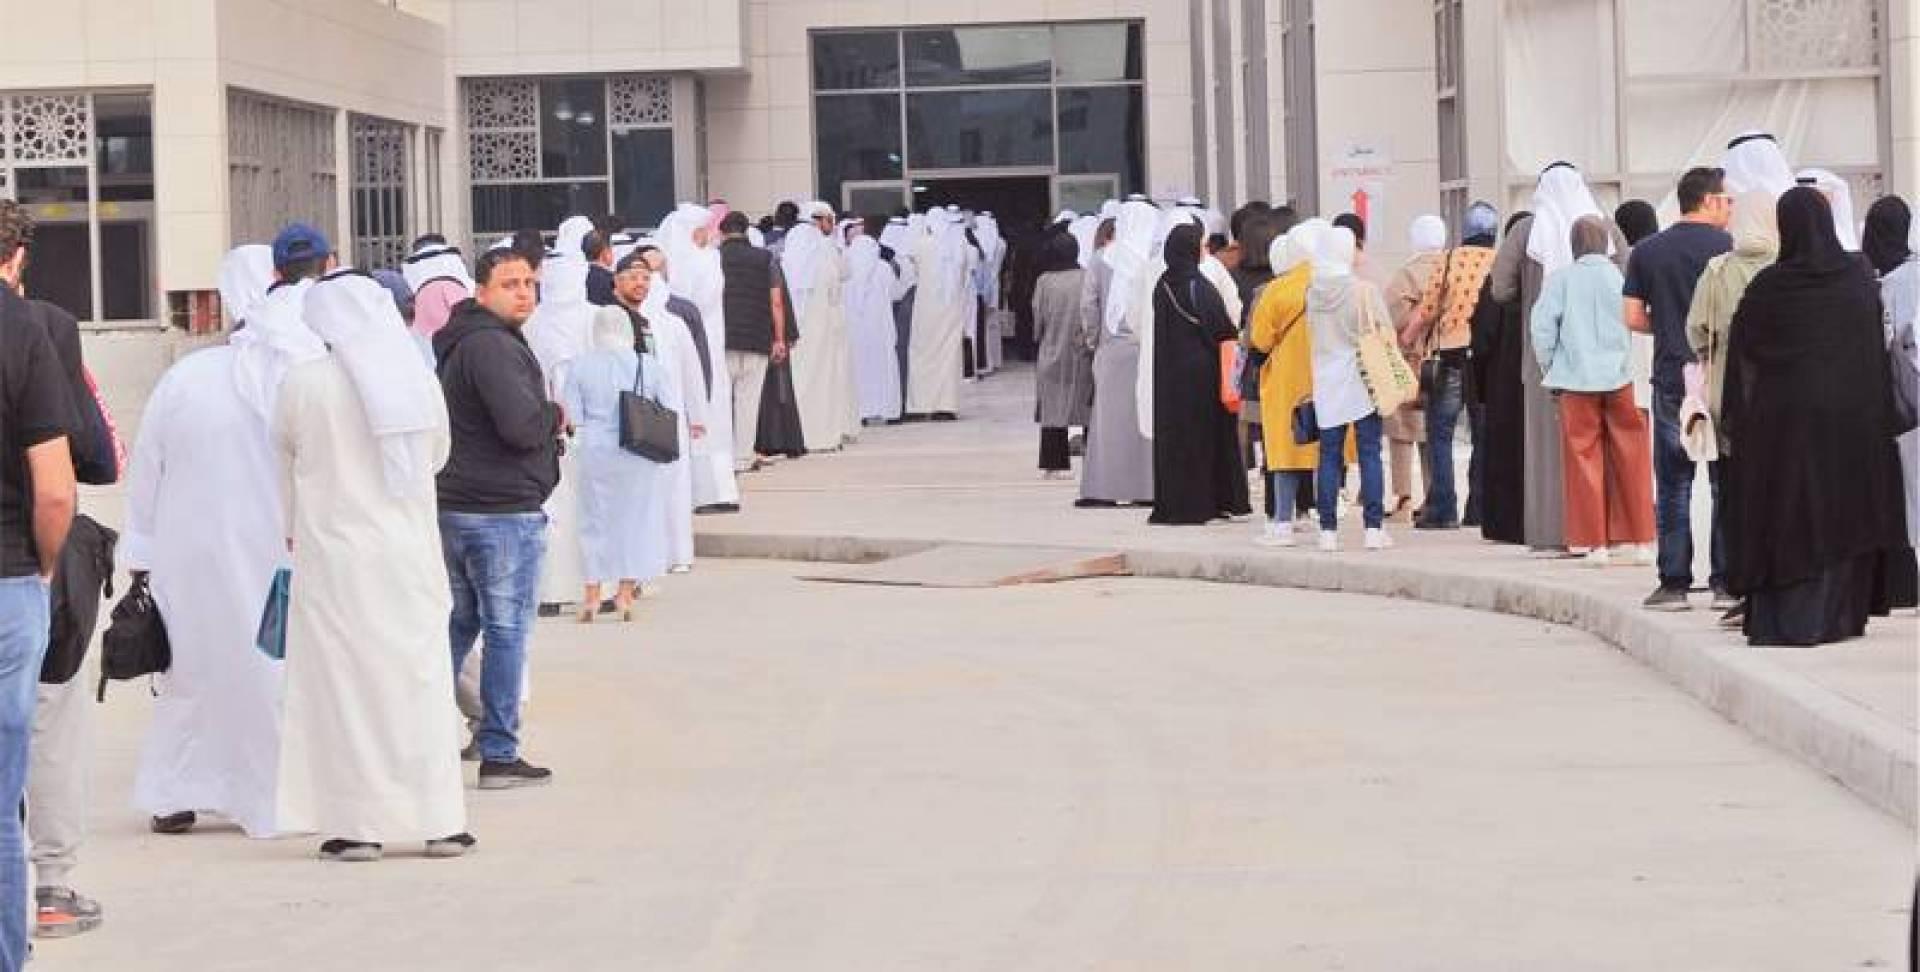 طوابير الفحص الطبي قبل الدخول إلى مجمع الوزارات (تصوير: سيد سليم)